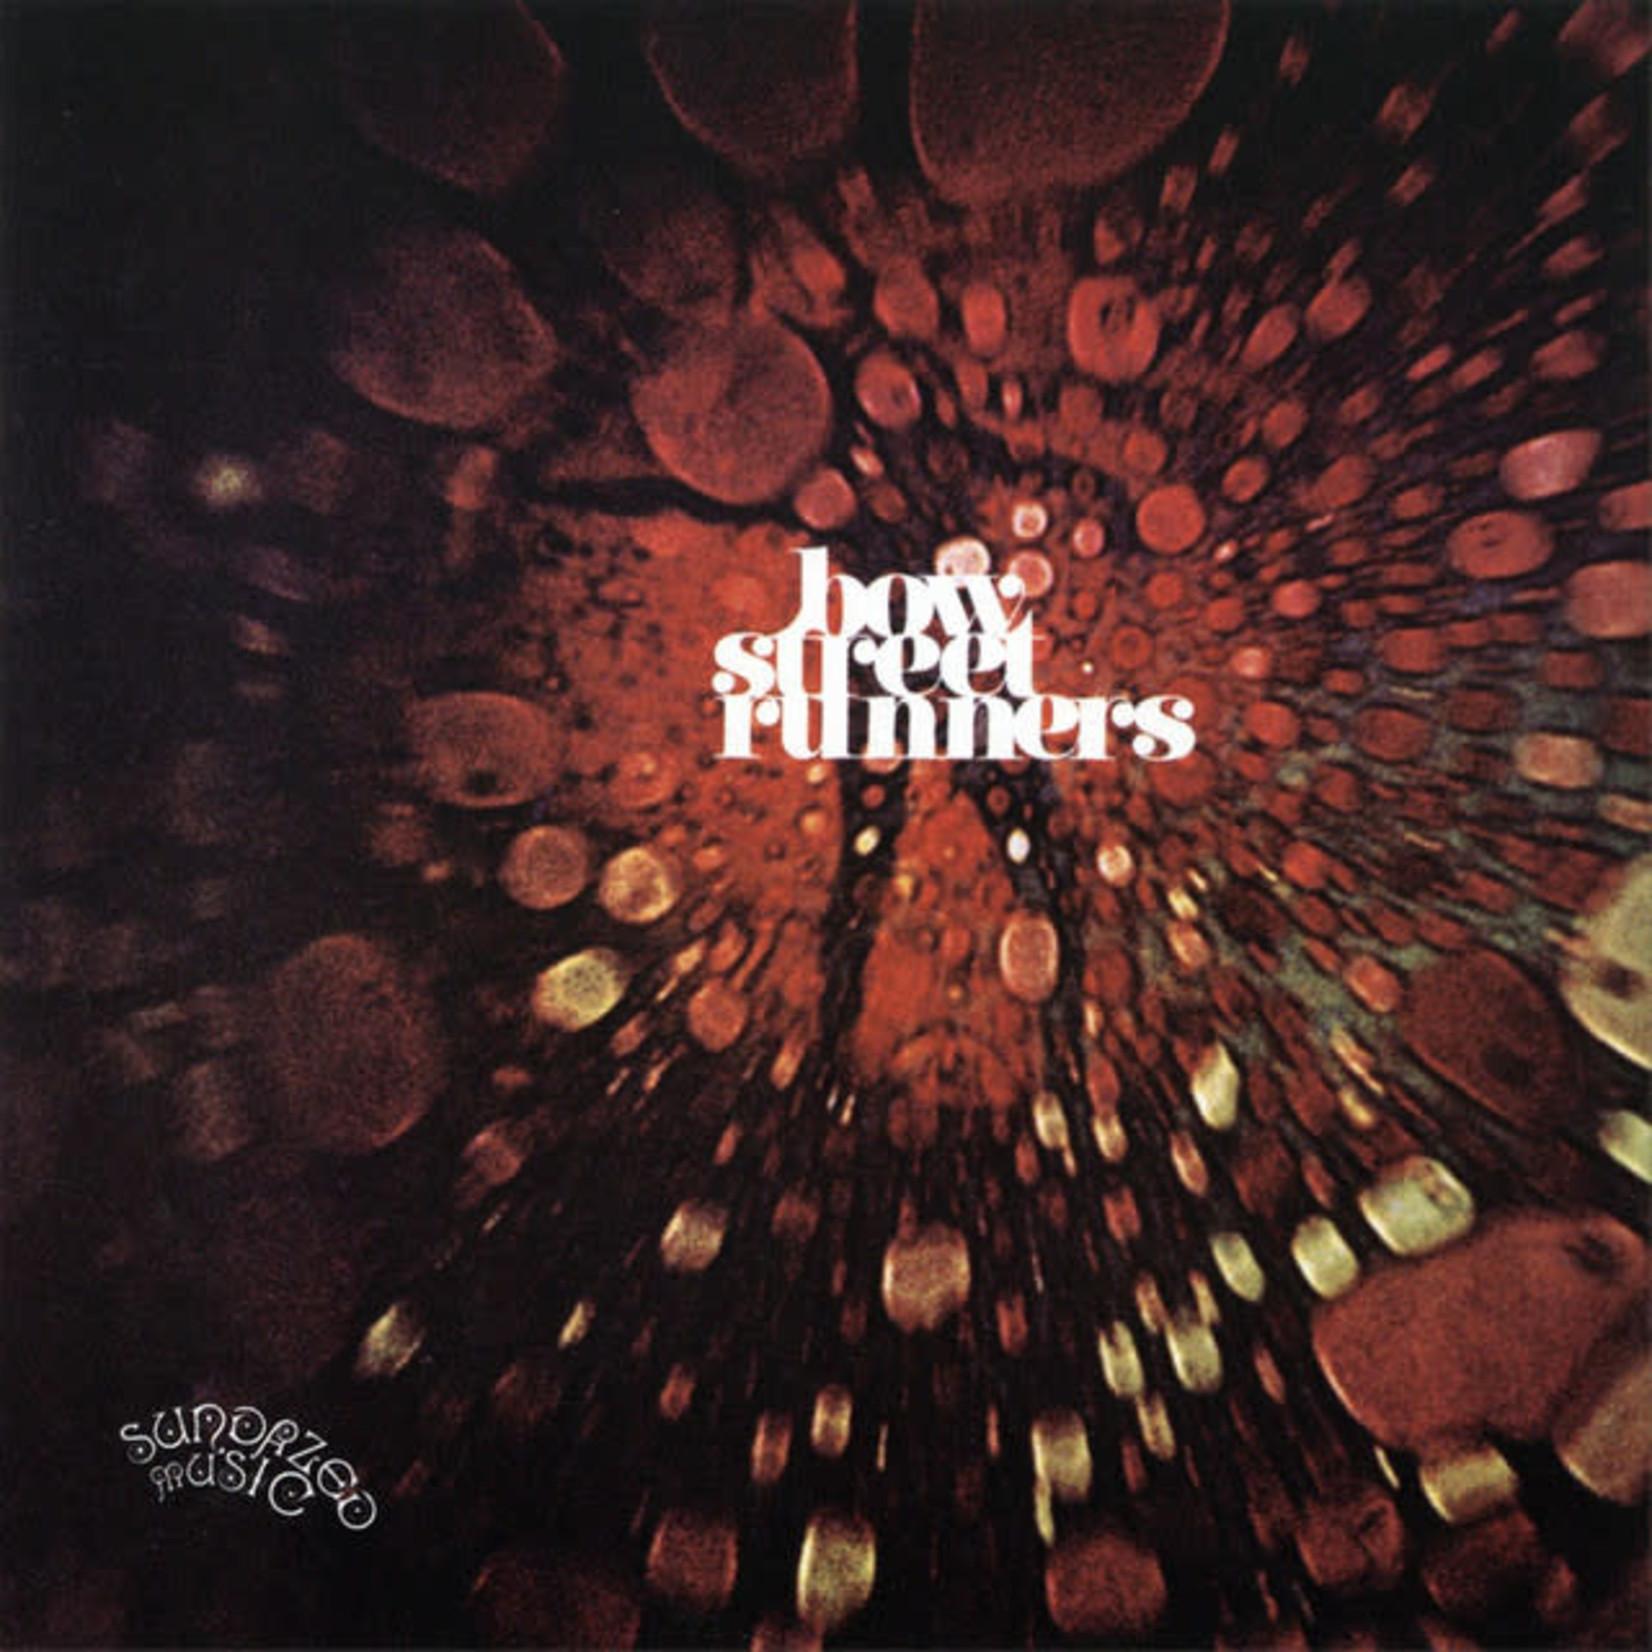 Vinyl Bow Street Runners - ST